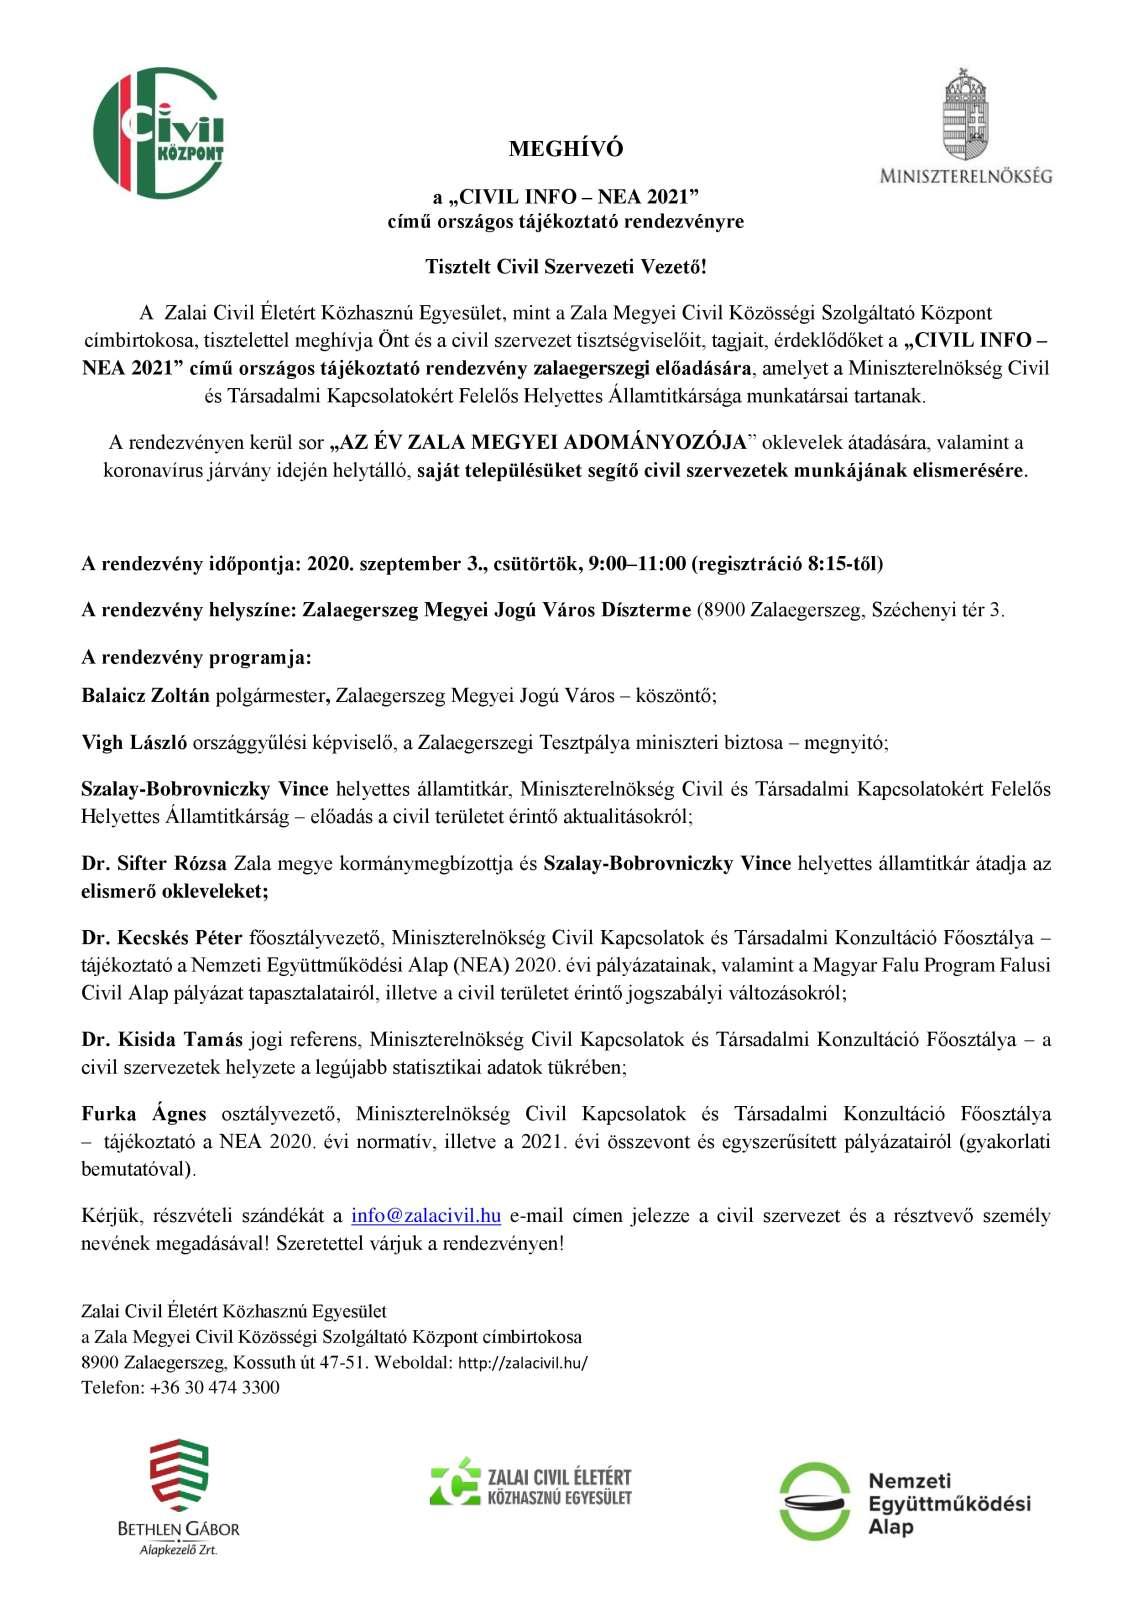 Ad - CIVIL INFO - NEA 2021 országos tájékoztató rendezvény_meghívó ME-page-0